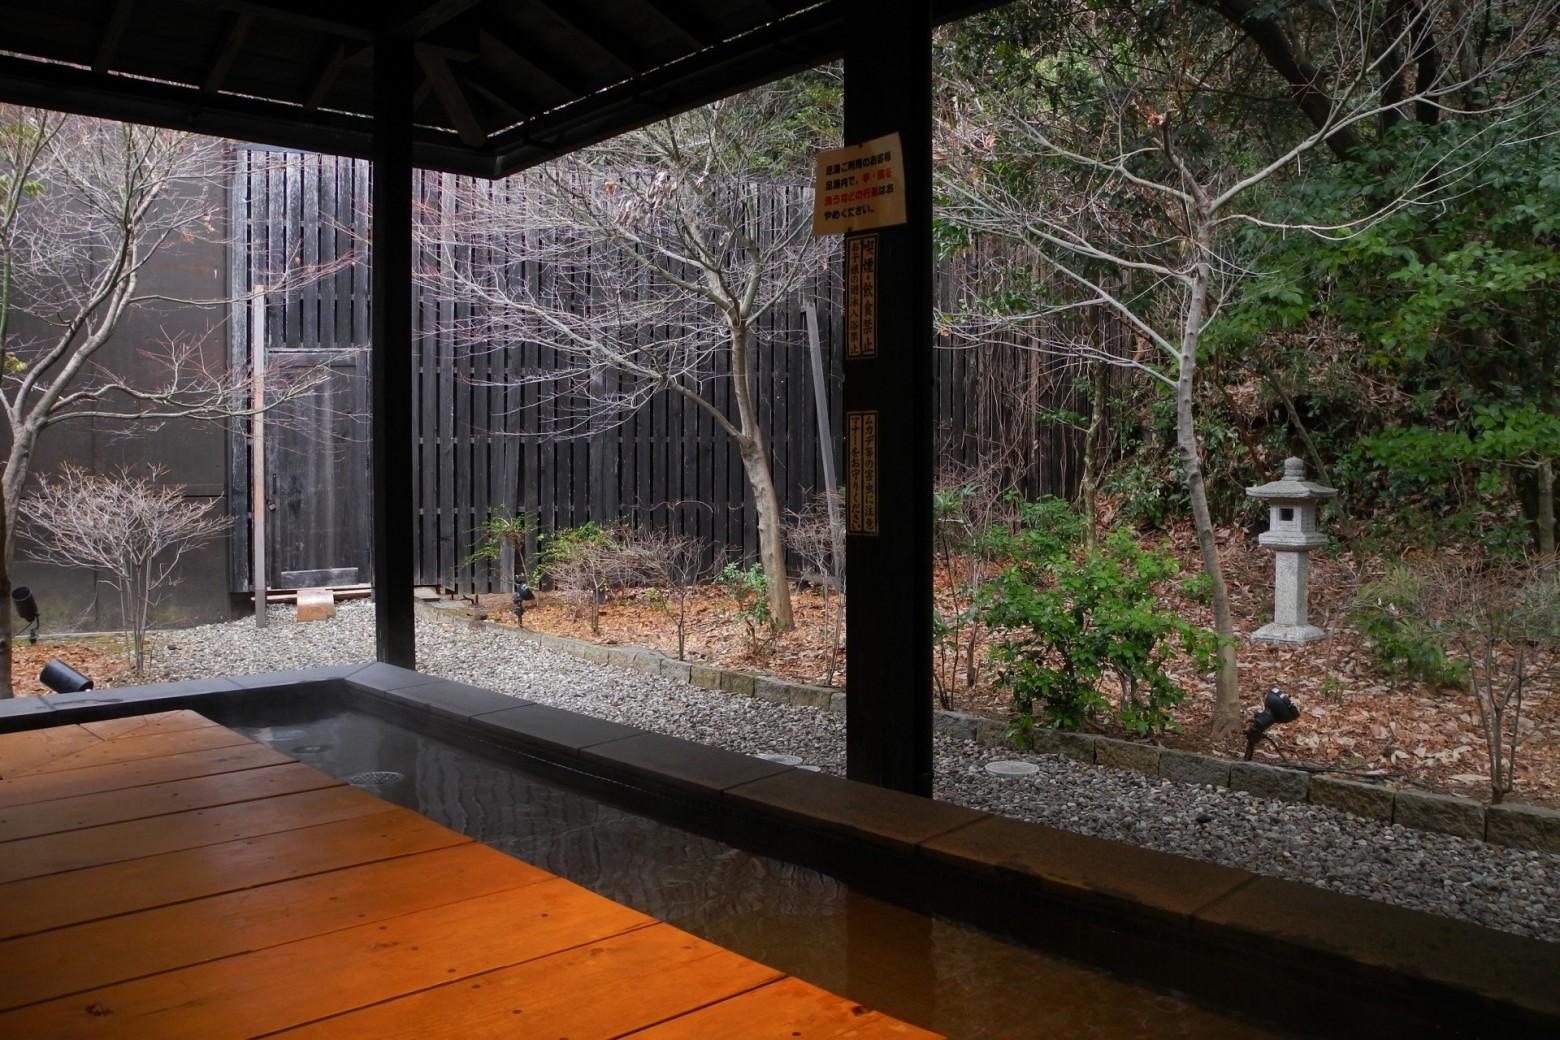 Verandas Sur Jardins Japonais Chinois Images Photos Gratuites